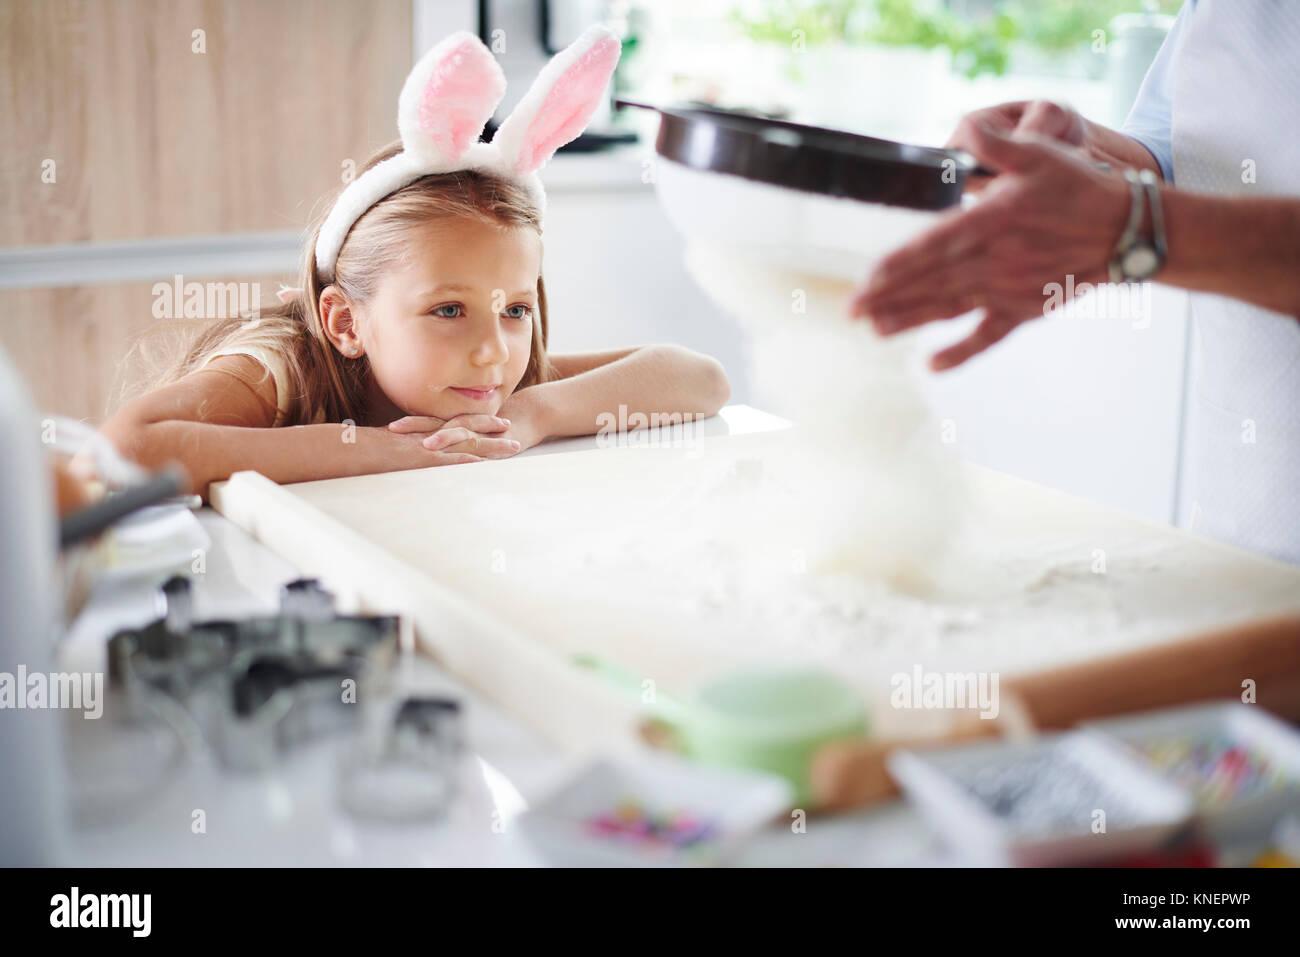 Ragazza Guarda la nonna setacciare la farina per la cottura di pasqua Foto Stock